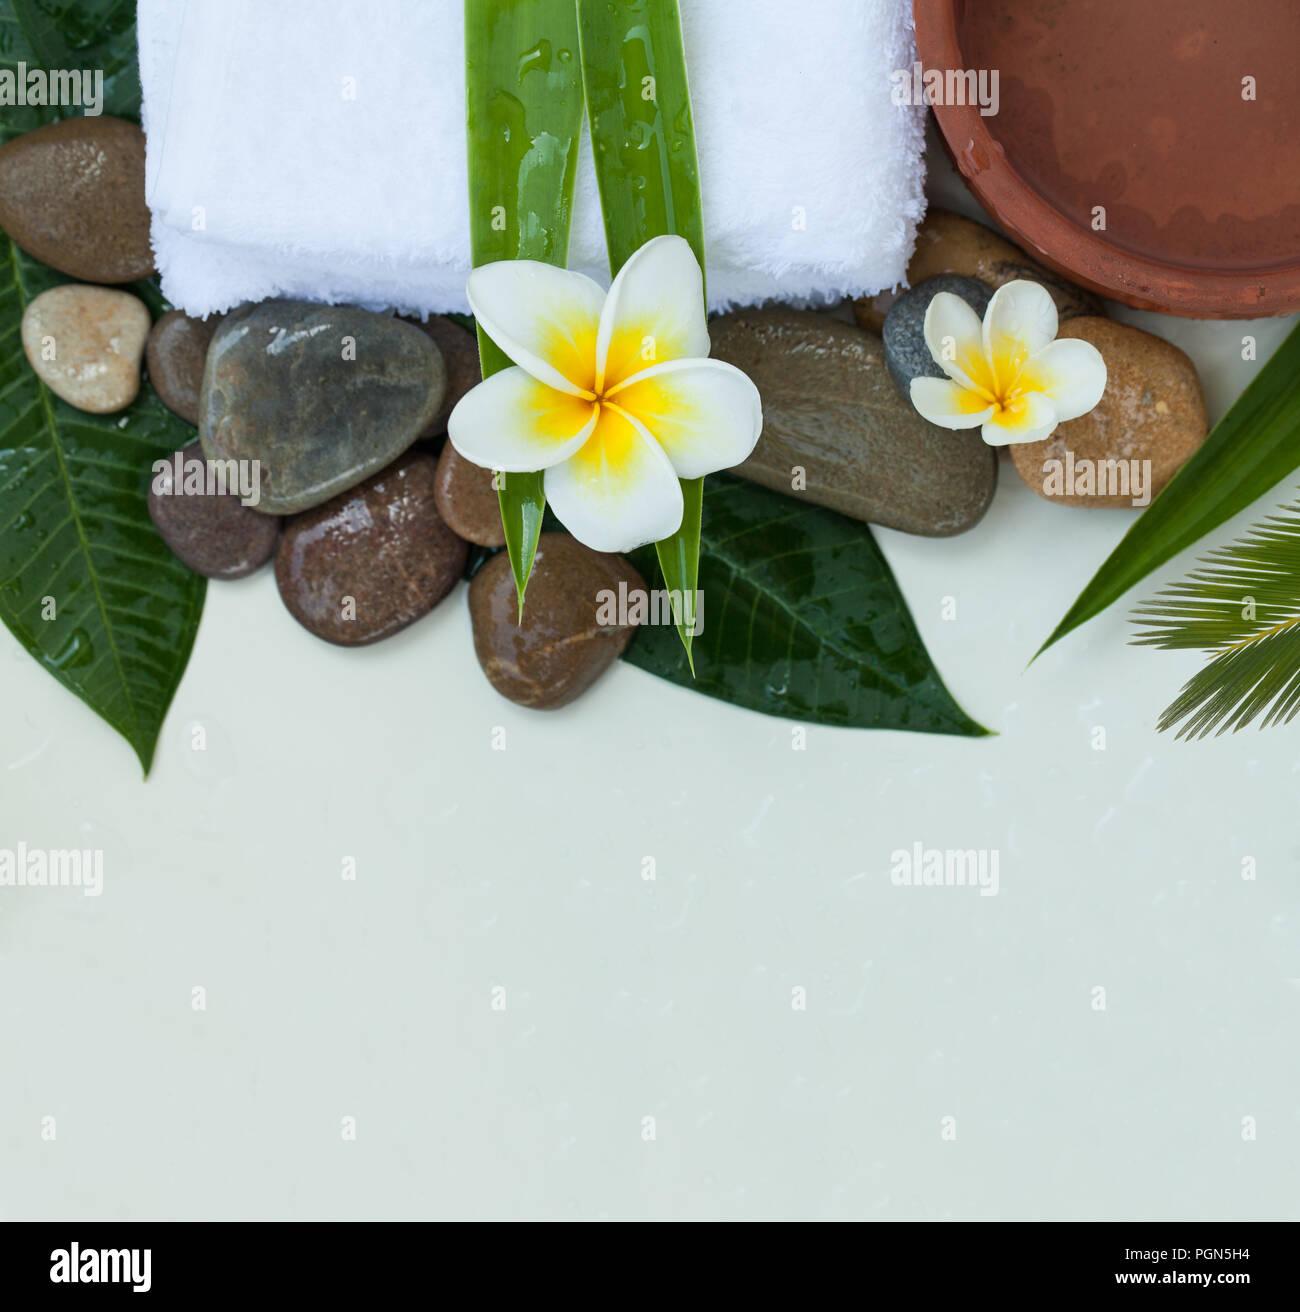 Spa wellness o ajuste con flores tropicales, un tazón de agua, toalla y piedras oscuras Imagen De Stock